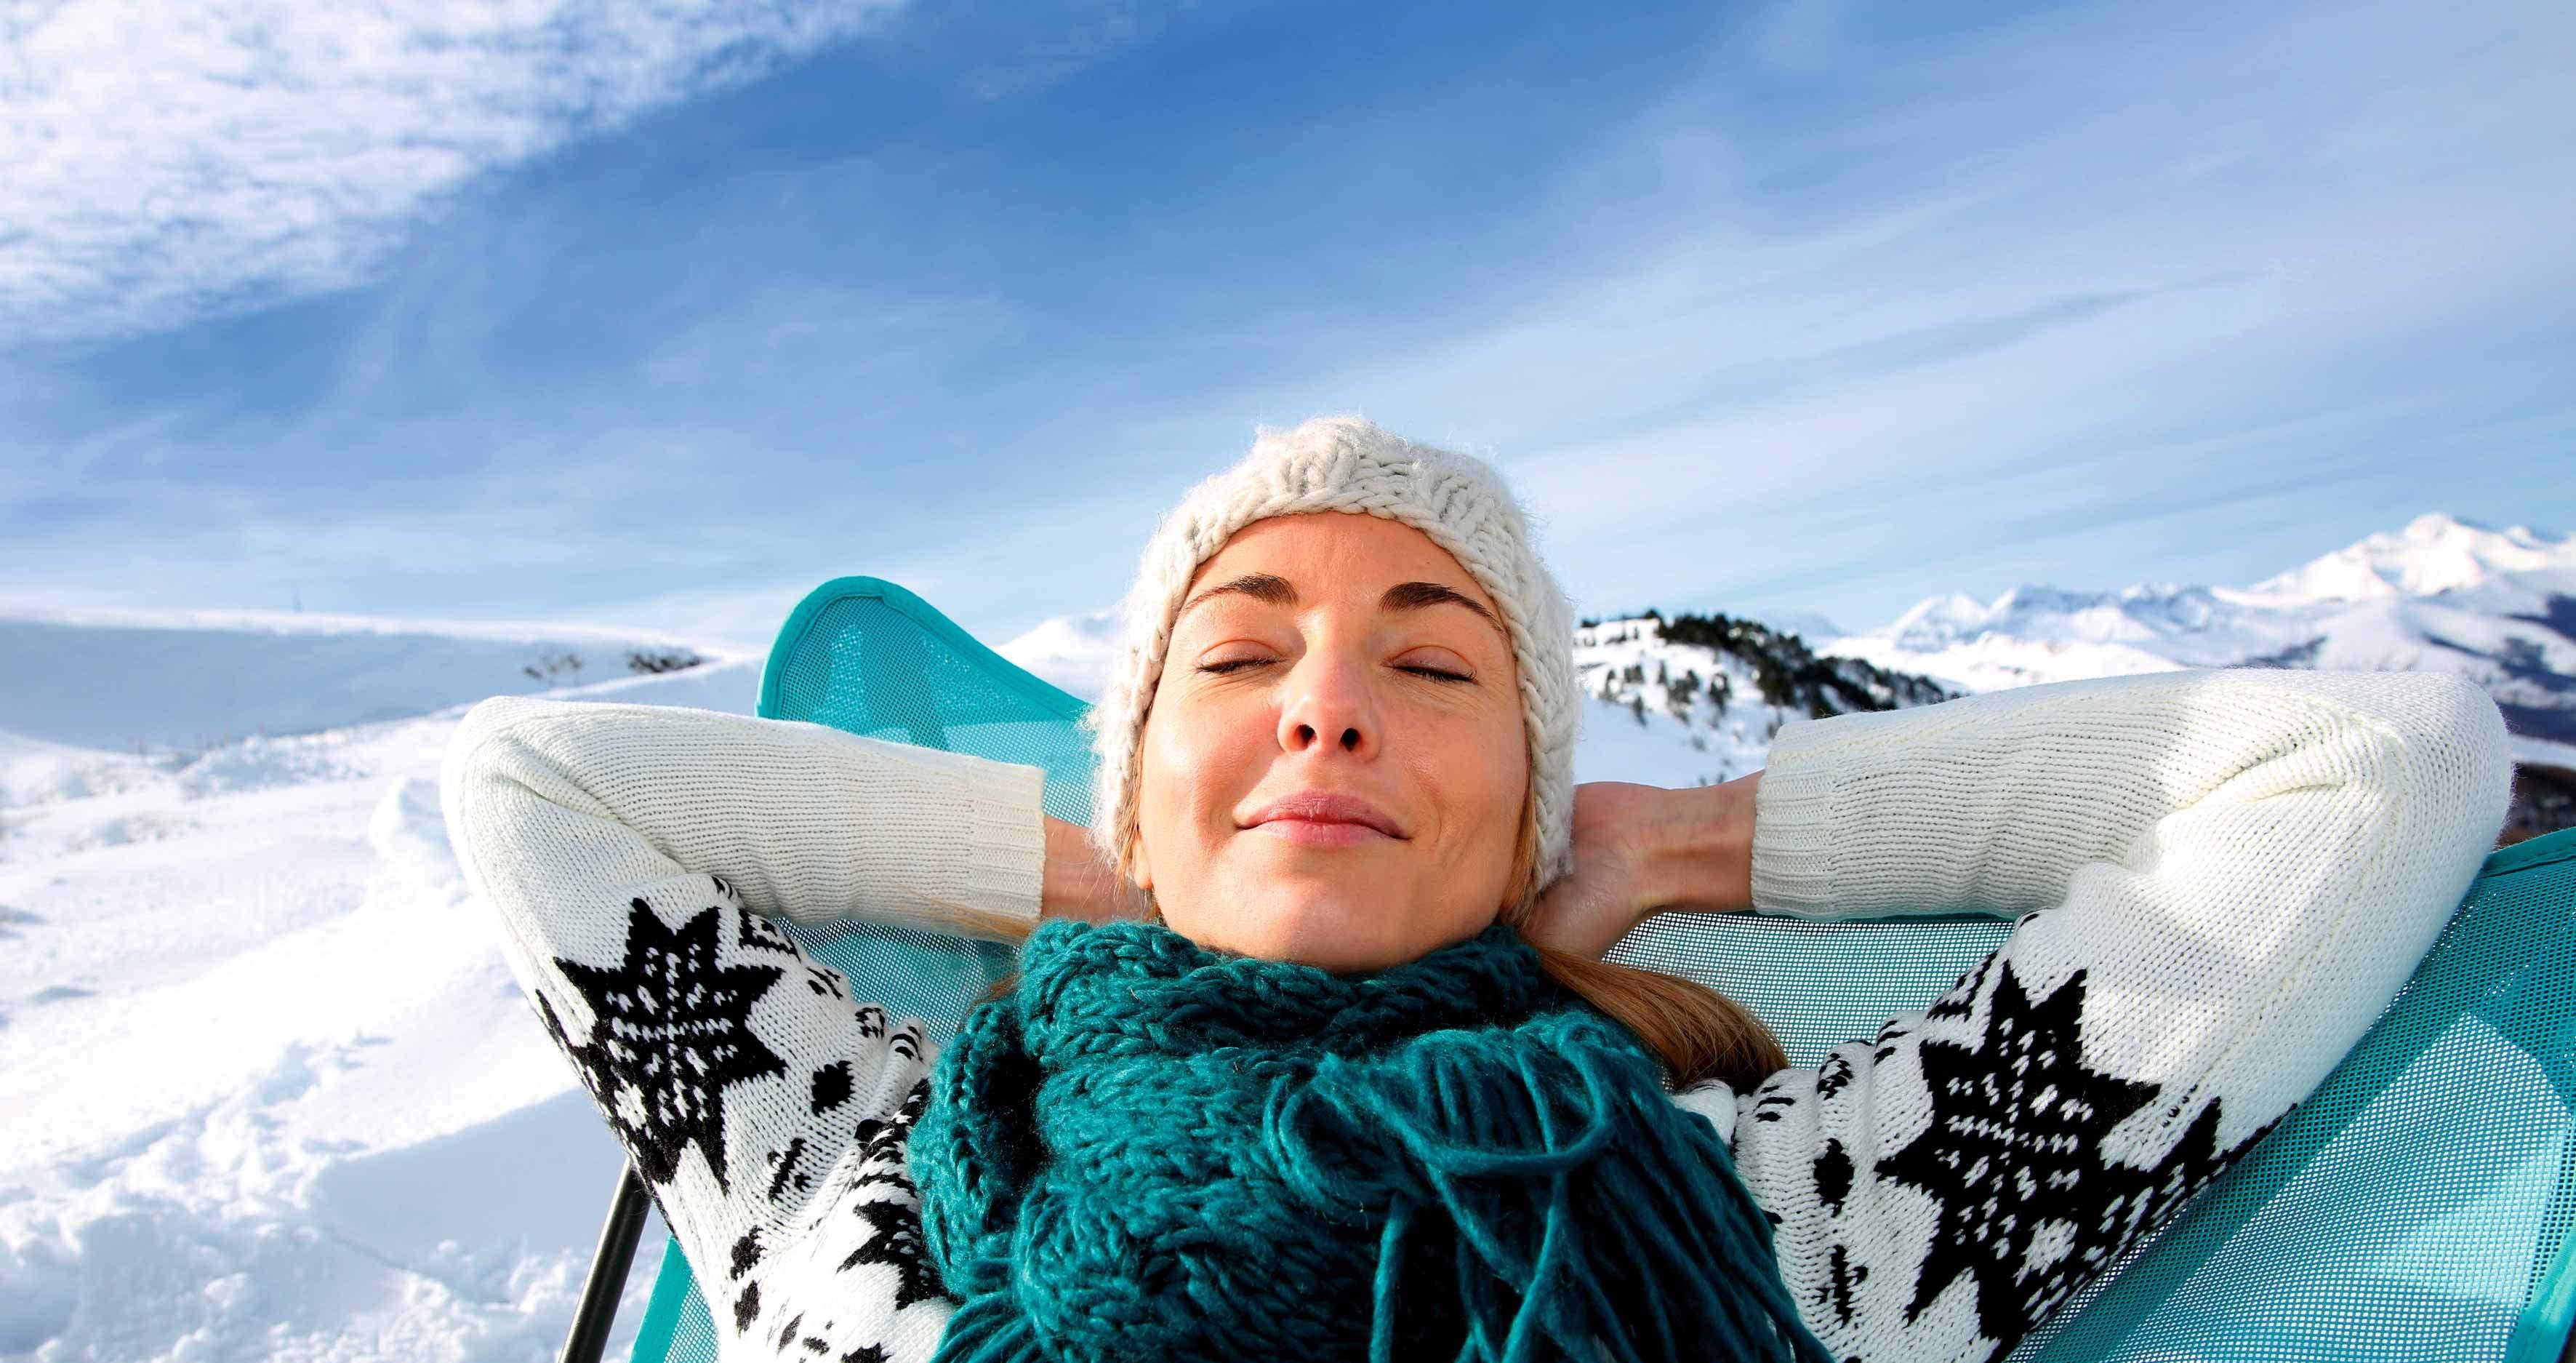 bien profiter de vos vacances aux sports d 39 hiver avec skiez en d cal la france du nord au sud. Black Bedroom Furniture Sets. Home Design Ideas